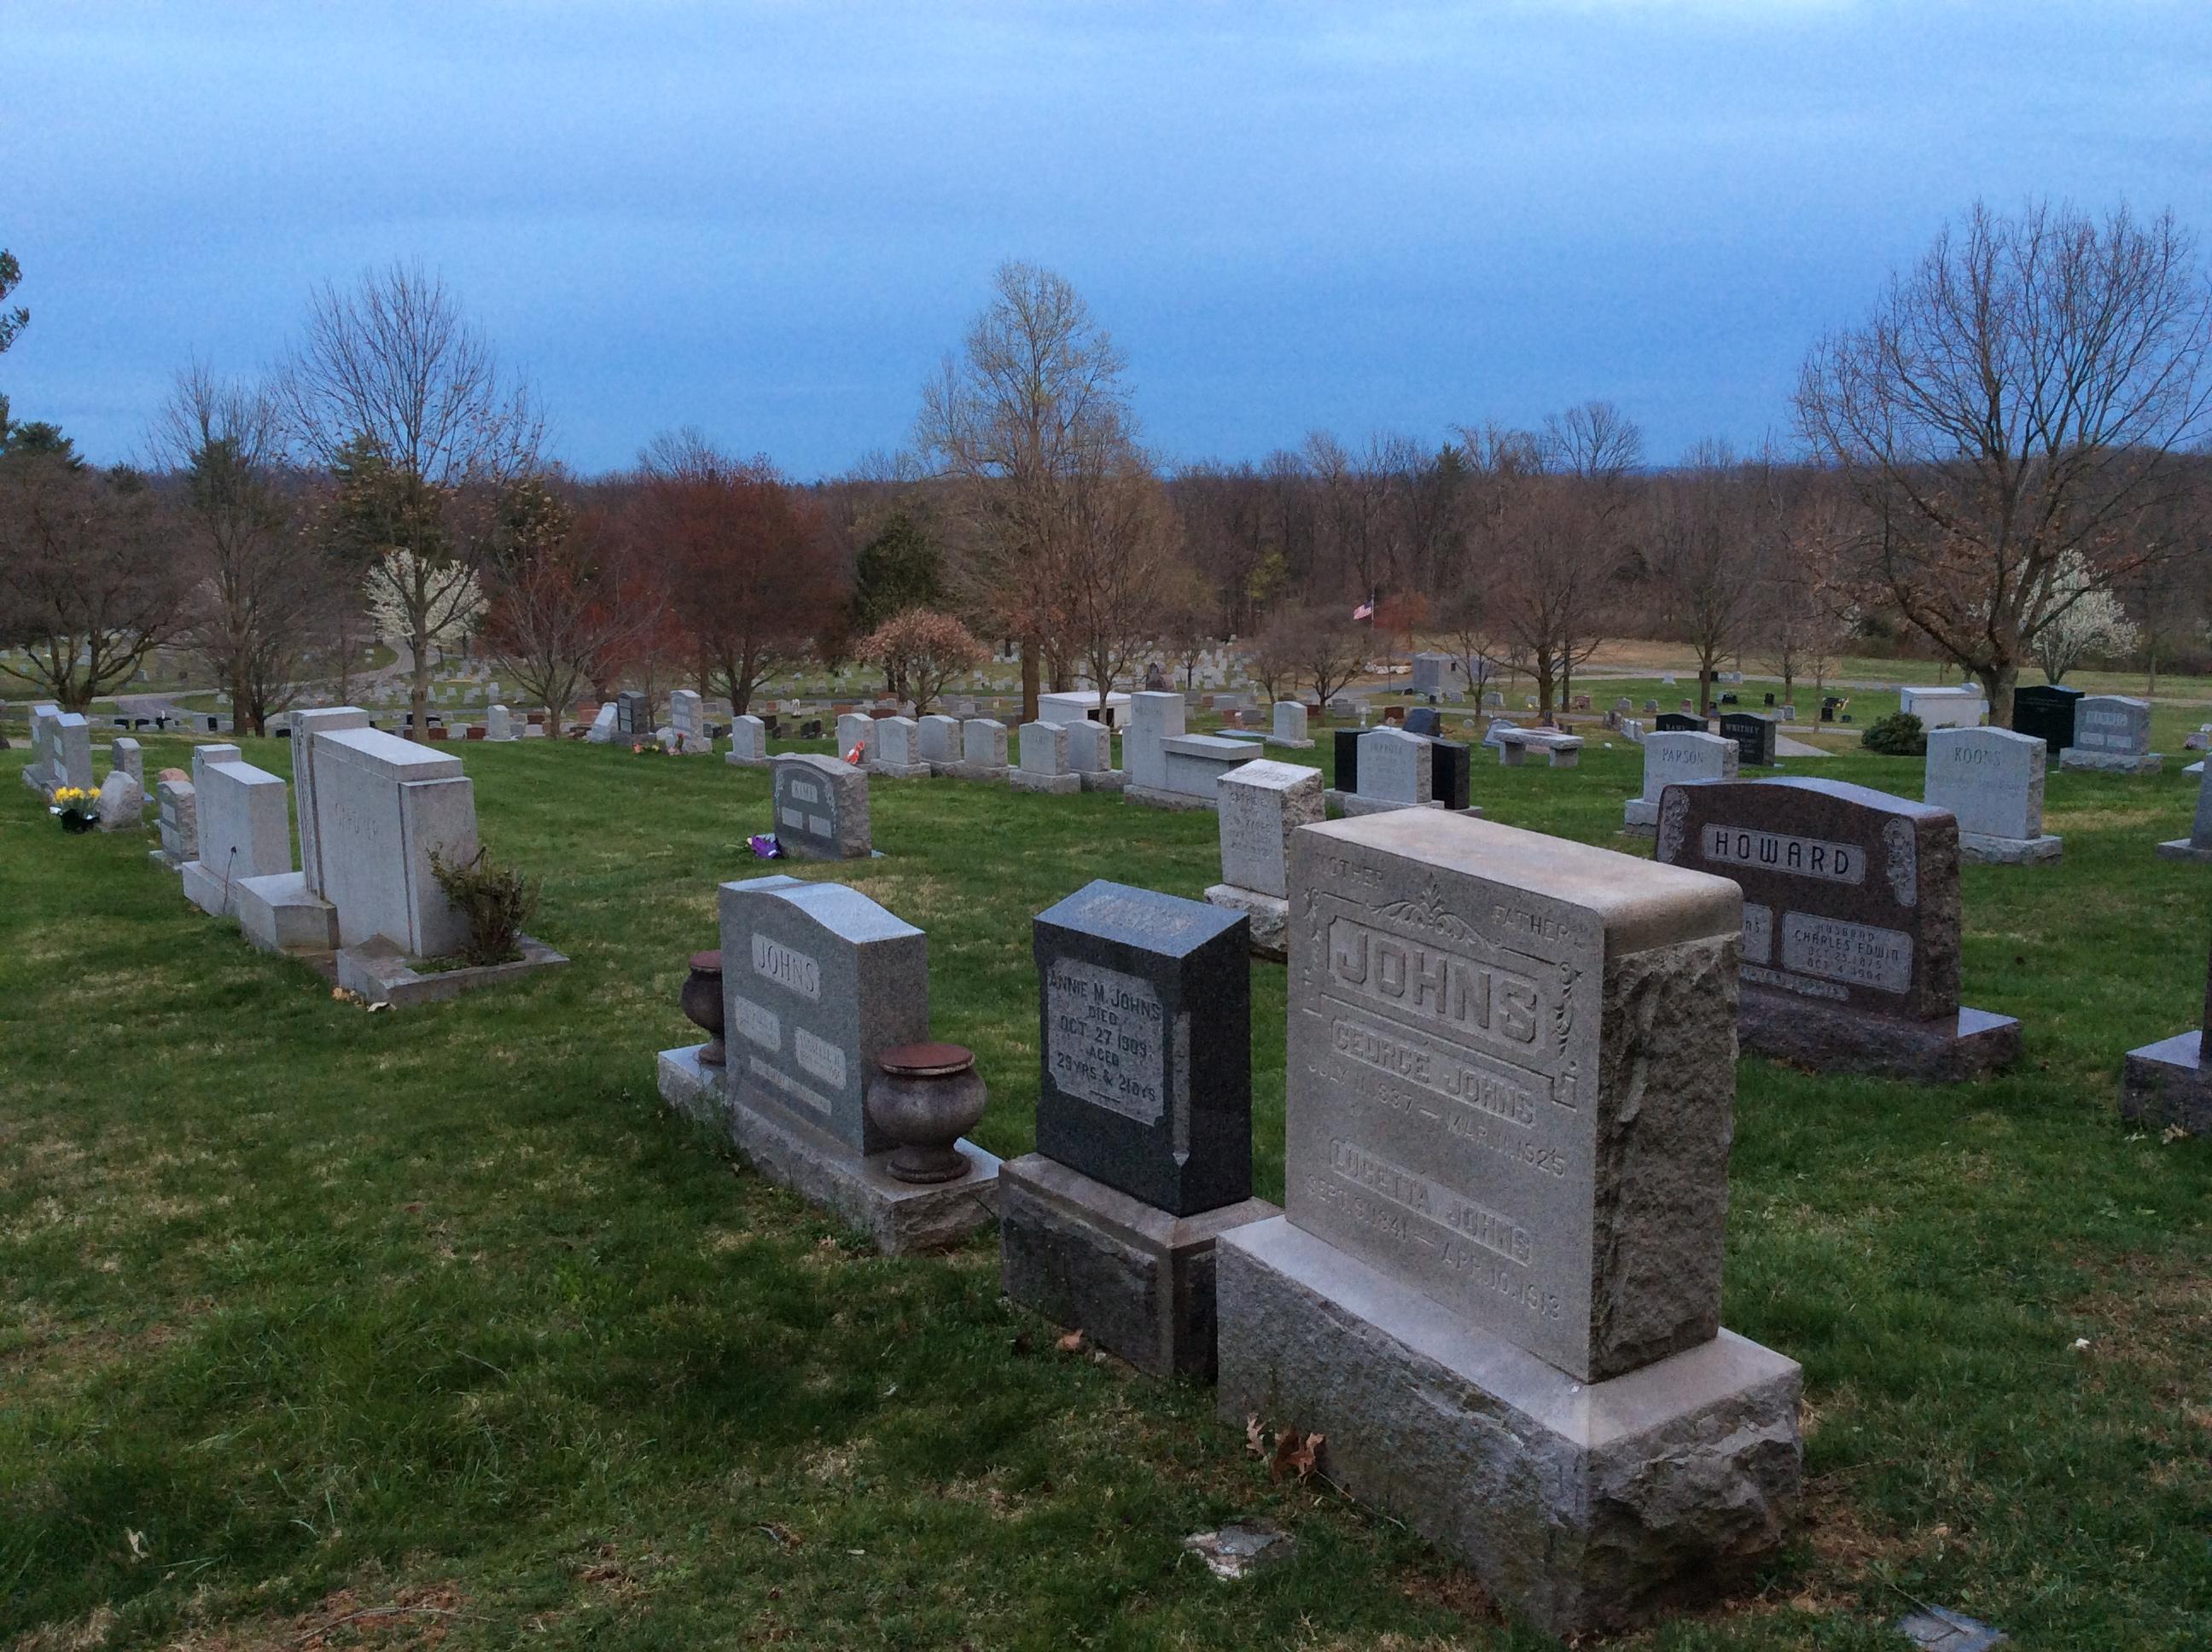 Headstones in Gettysburg National Cemetery